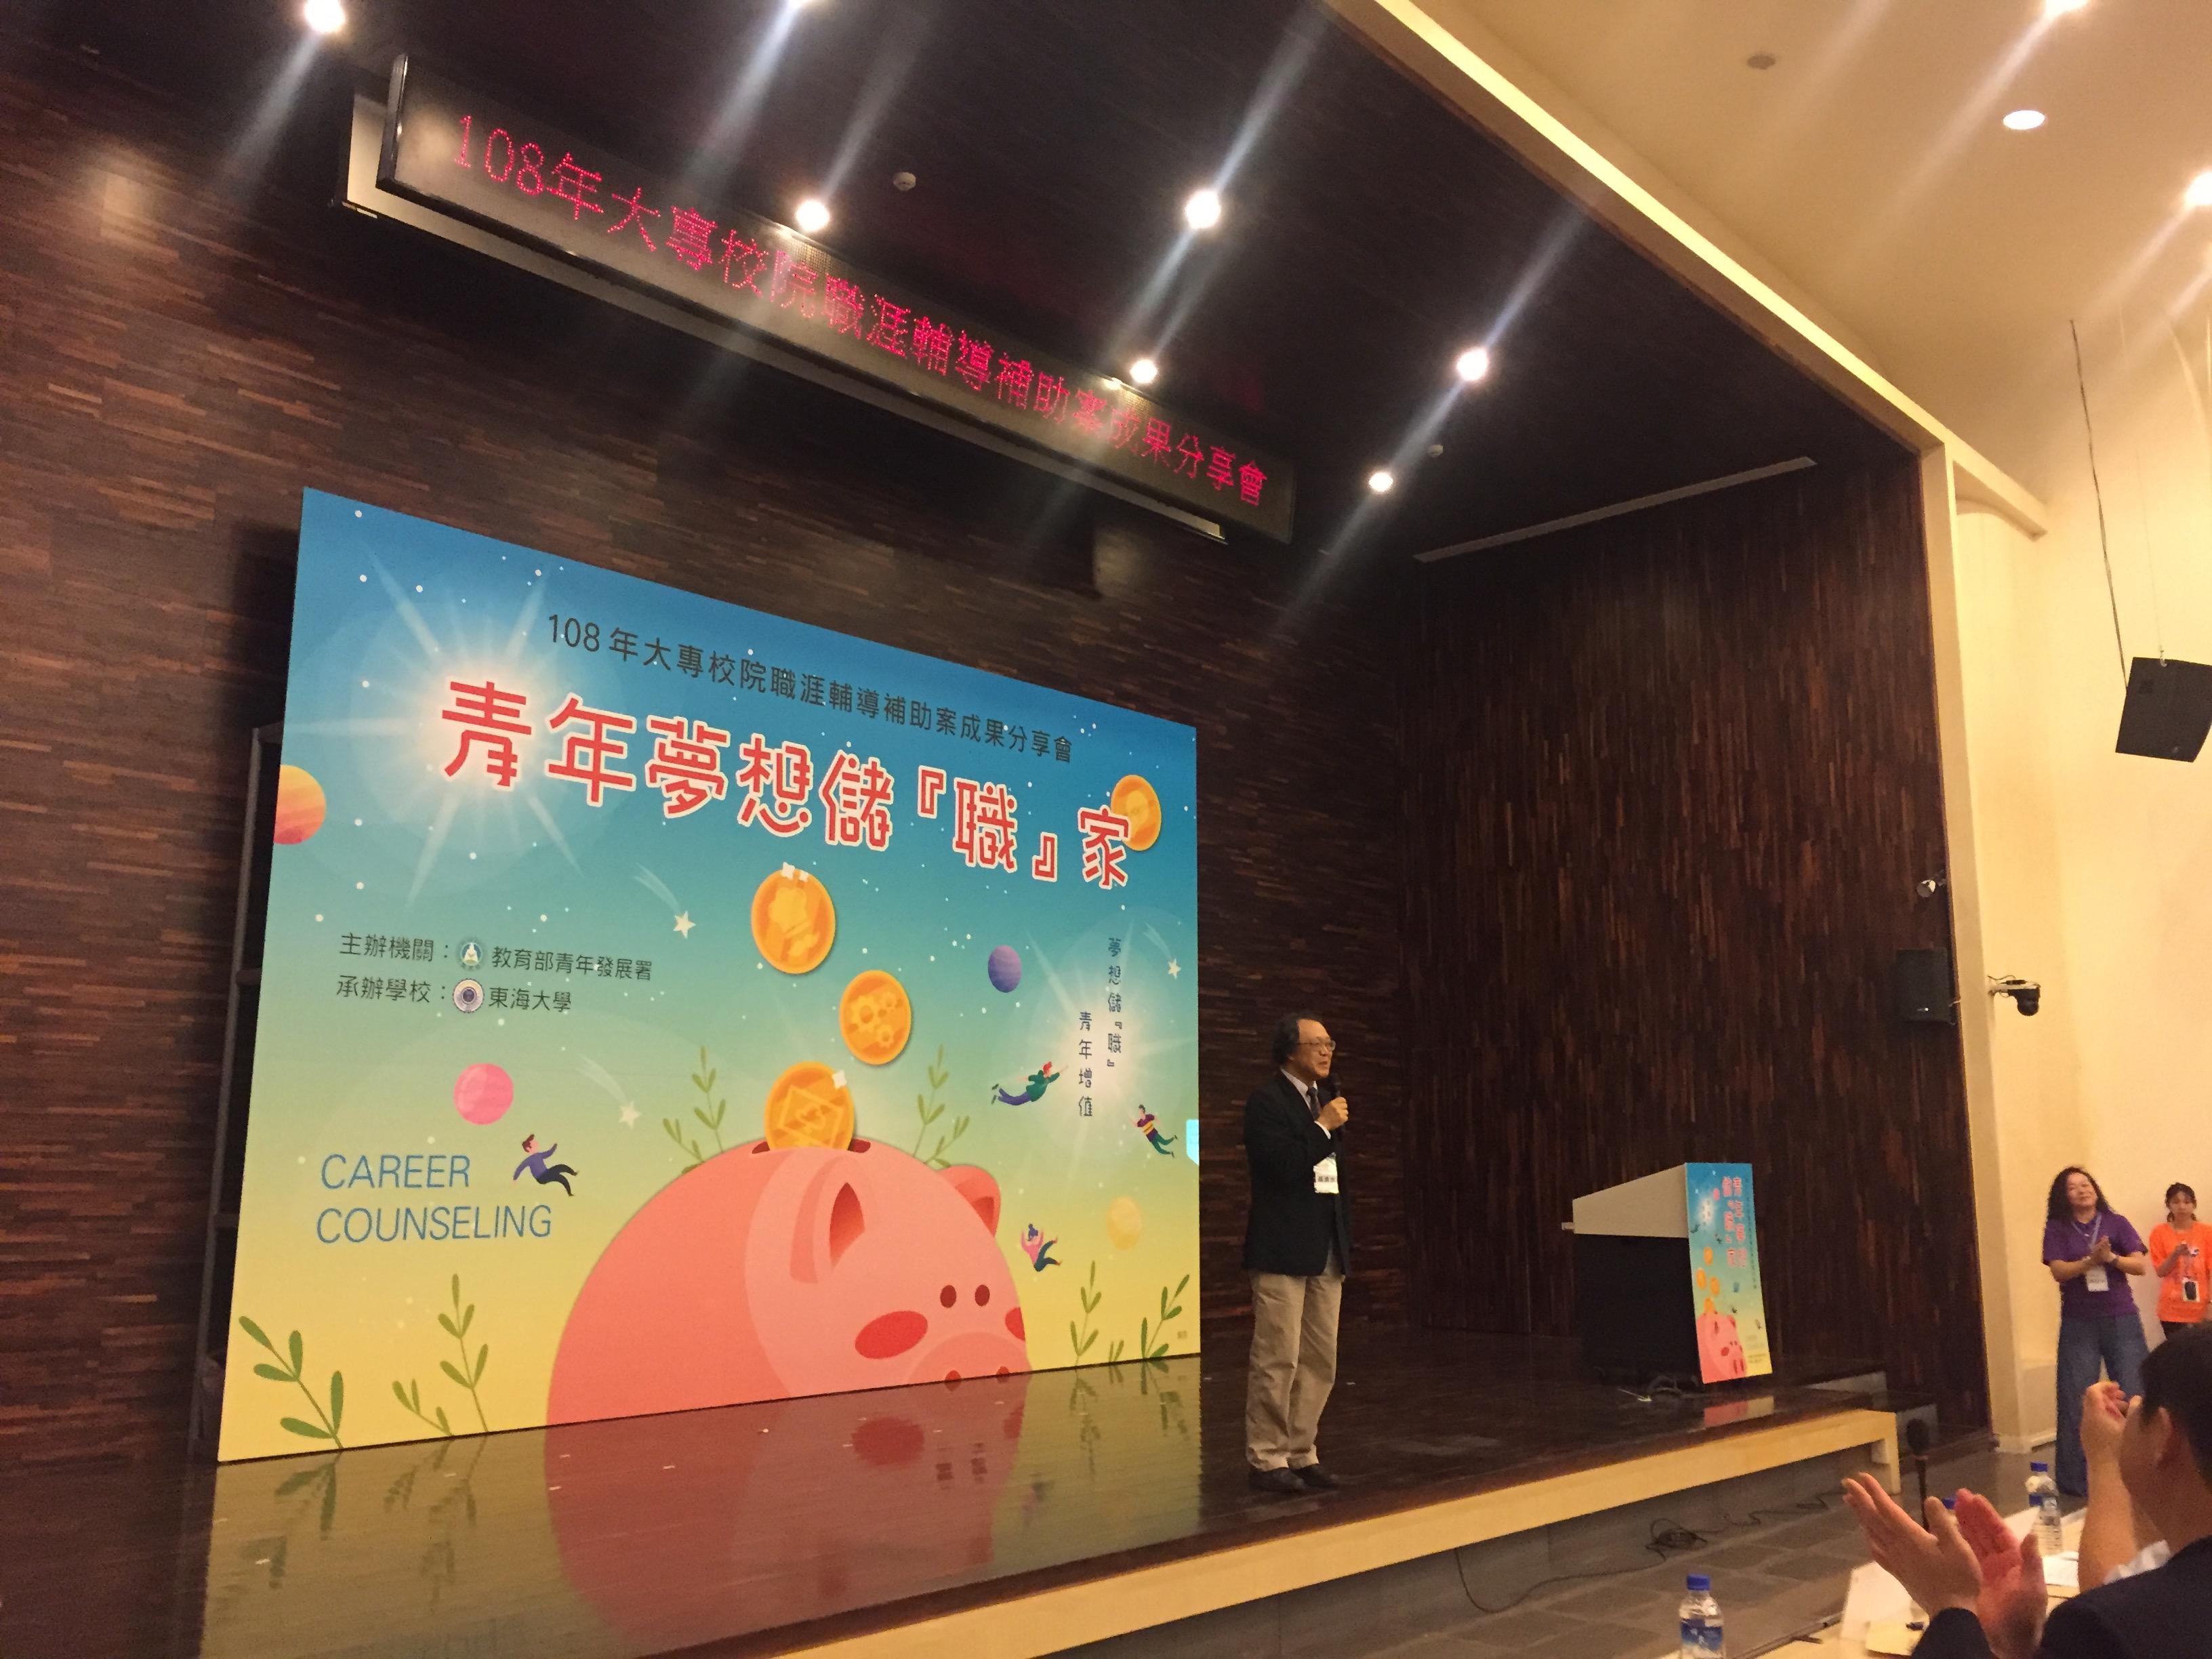 (圖二) 羅清水羅署長表示「應當重視青年的『長期』職涯發展及自我實踐,而不只是現階段找到工作而已。」